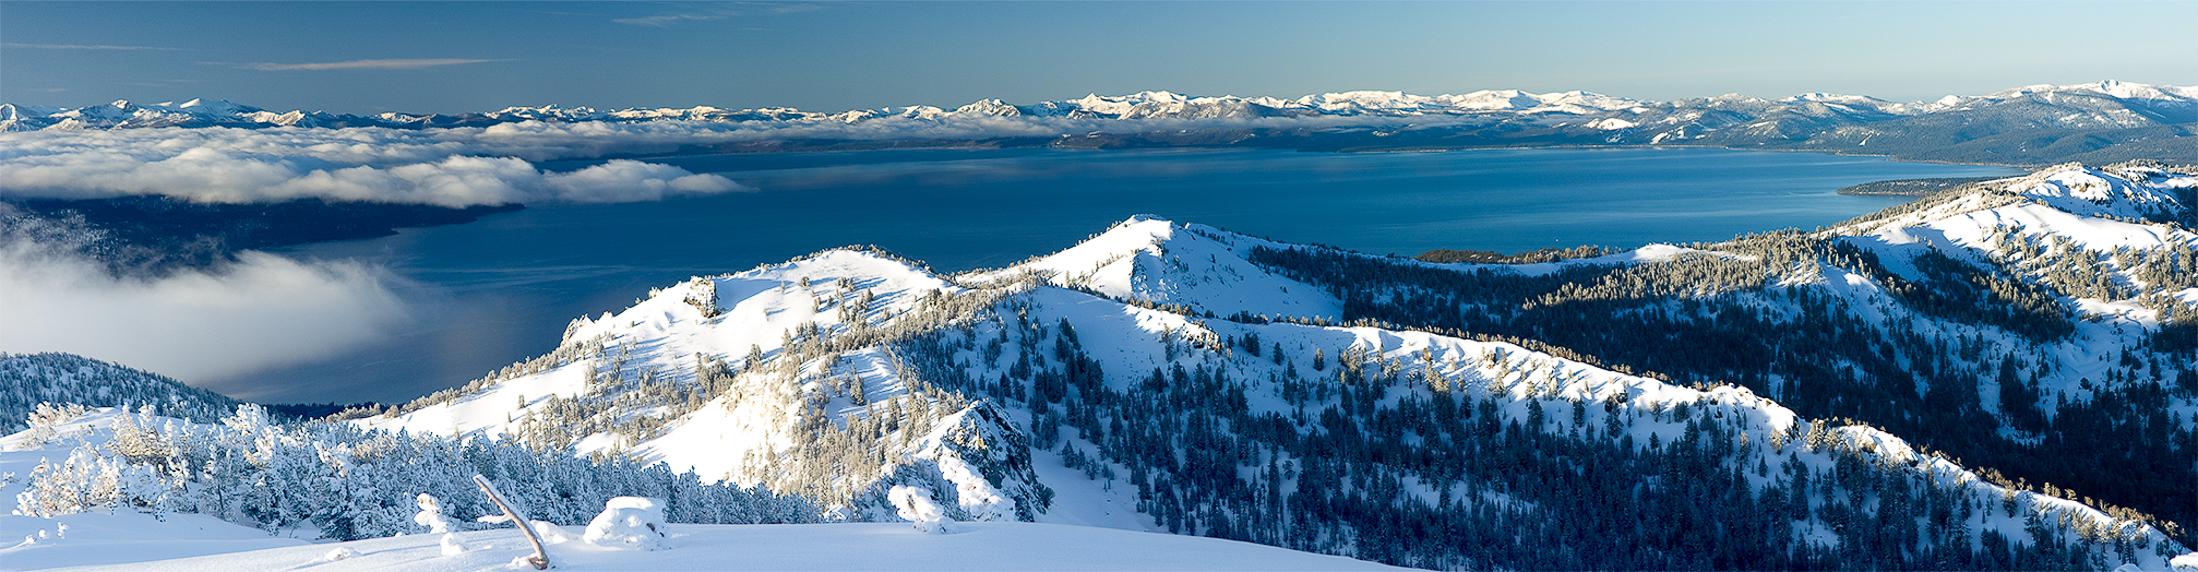 Lake Tahoe Winter Panaramic